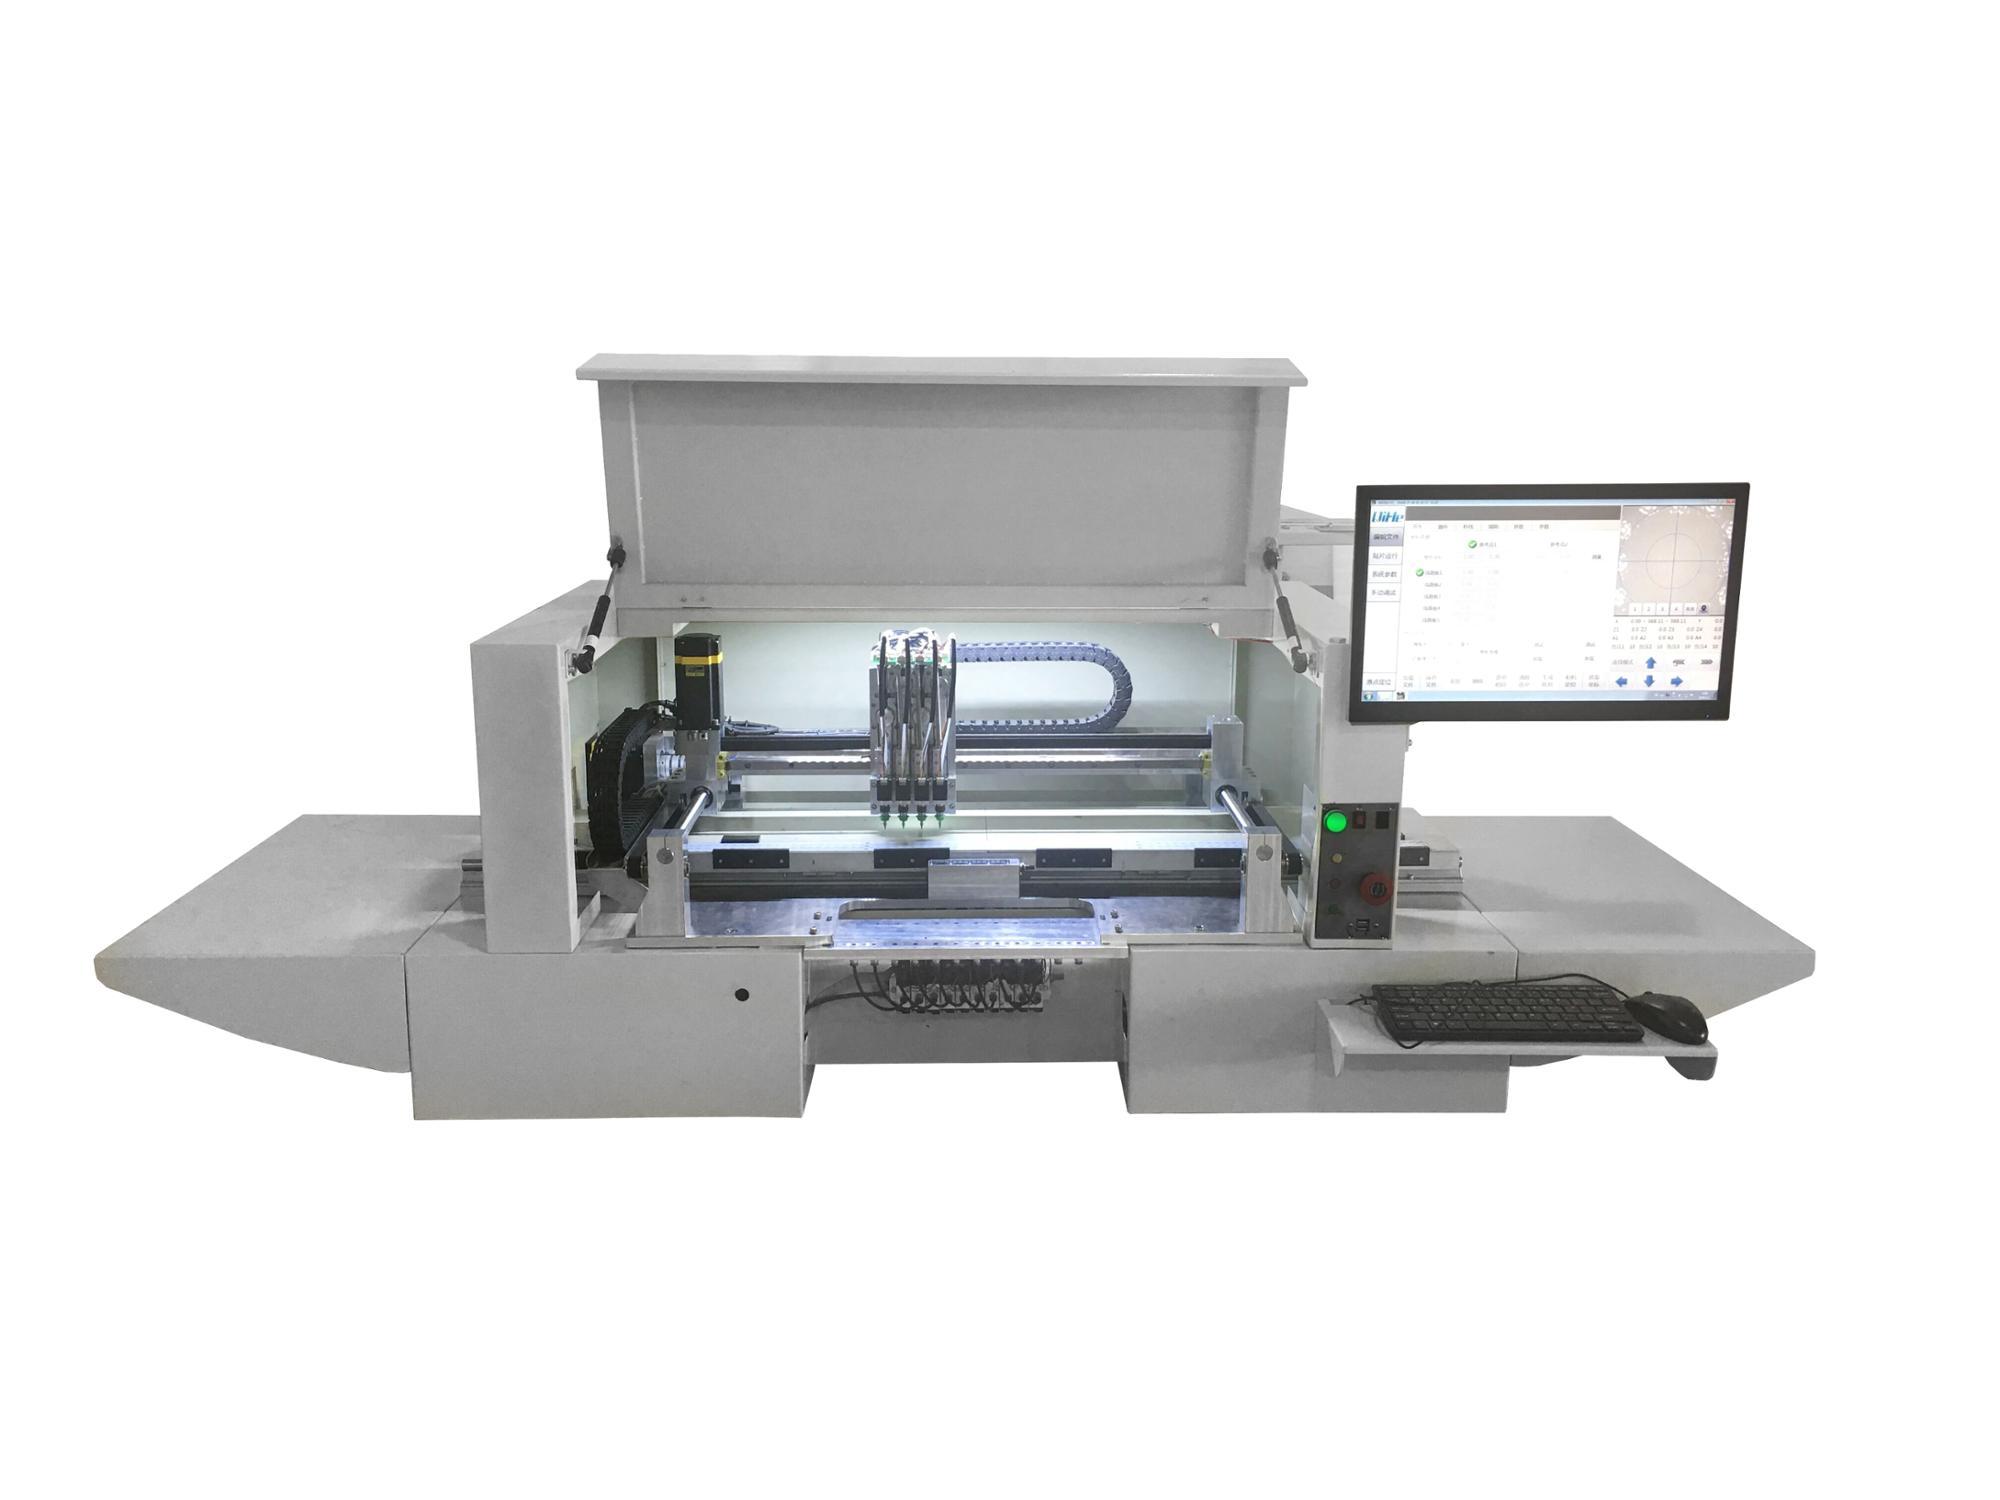 12 भक्षण एलईडी/SMD बढ़ते मशीन/पीसीबी लेने और जगह मशीन BGA Machinefor इलेक्ट्रॉनिक्स उत्पादन लाइनों आसान उपयोग उच्च गति